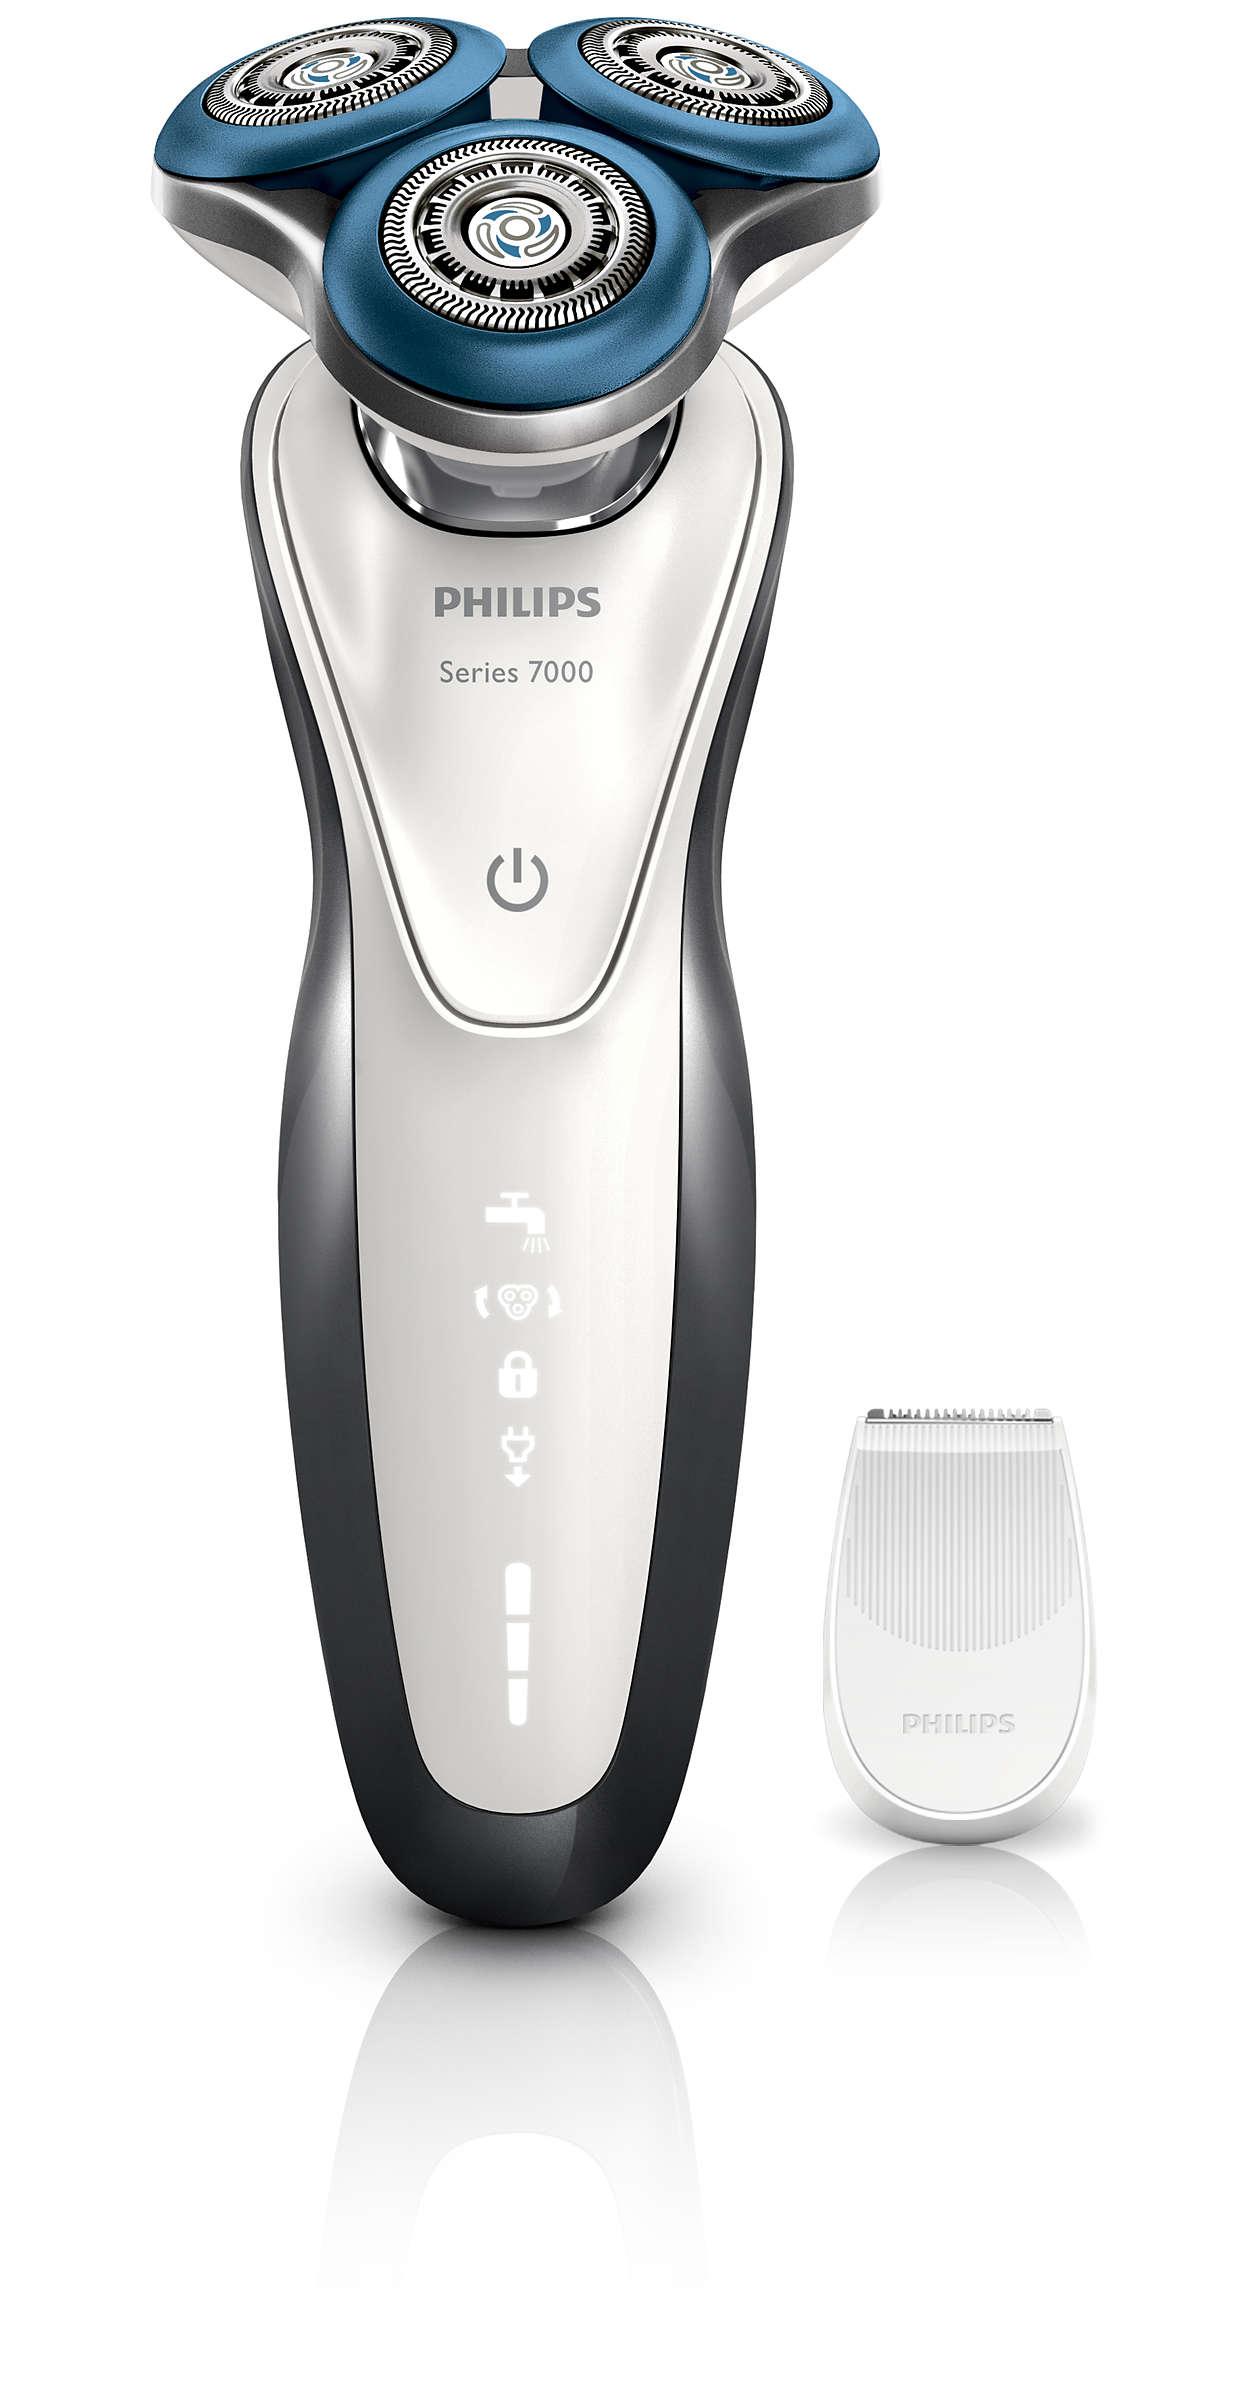 מכונת גילוח פיליפס S7710